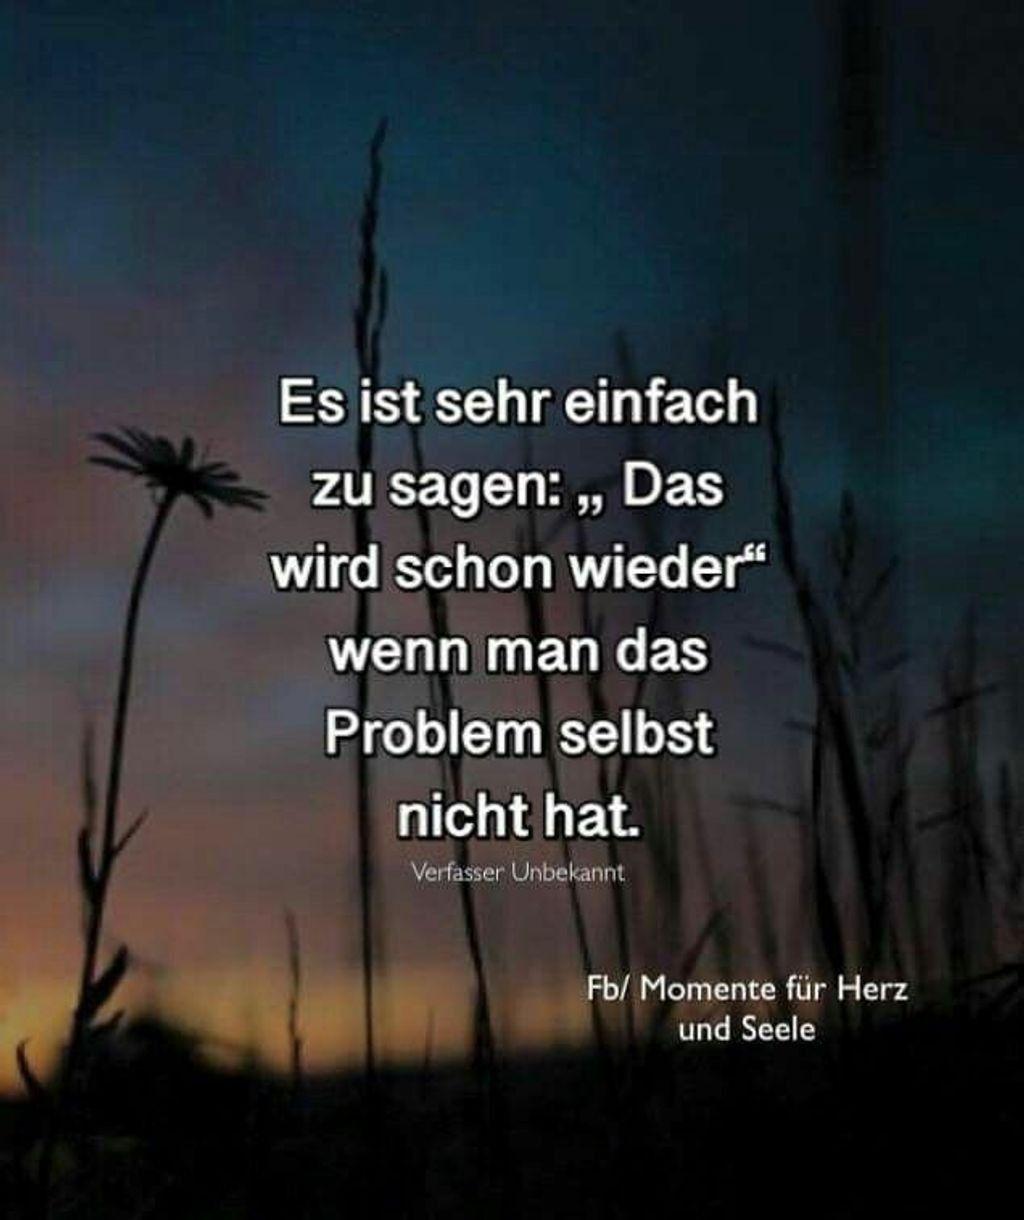 Es ist sehr einfach zu sagen: Das wird schon wieder!... wenn man das Problem selbst nicht hat.